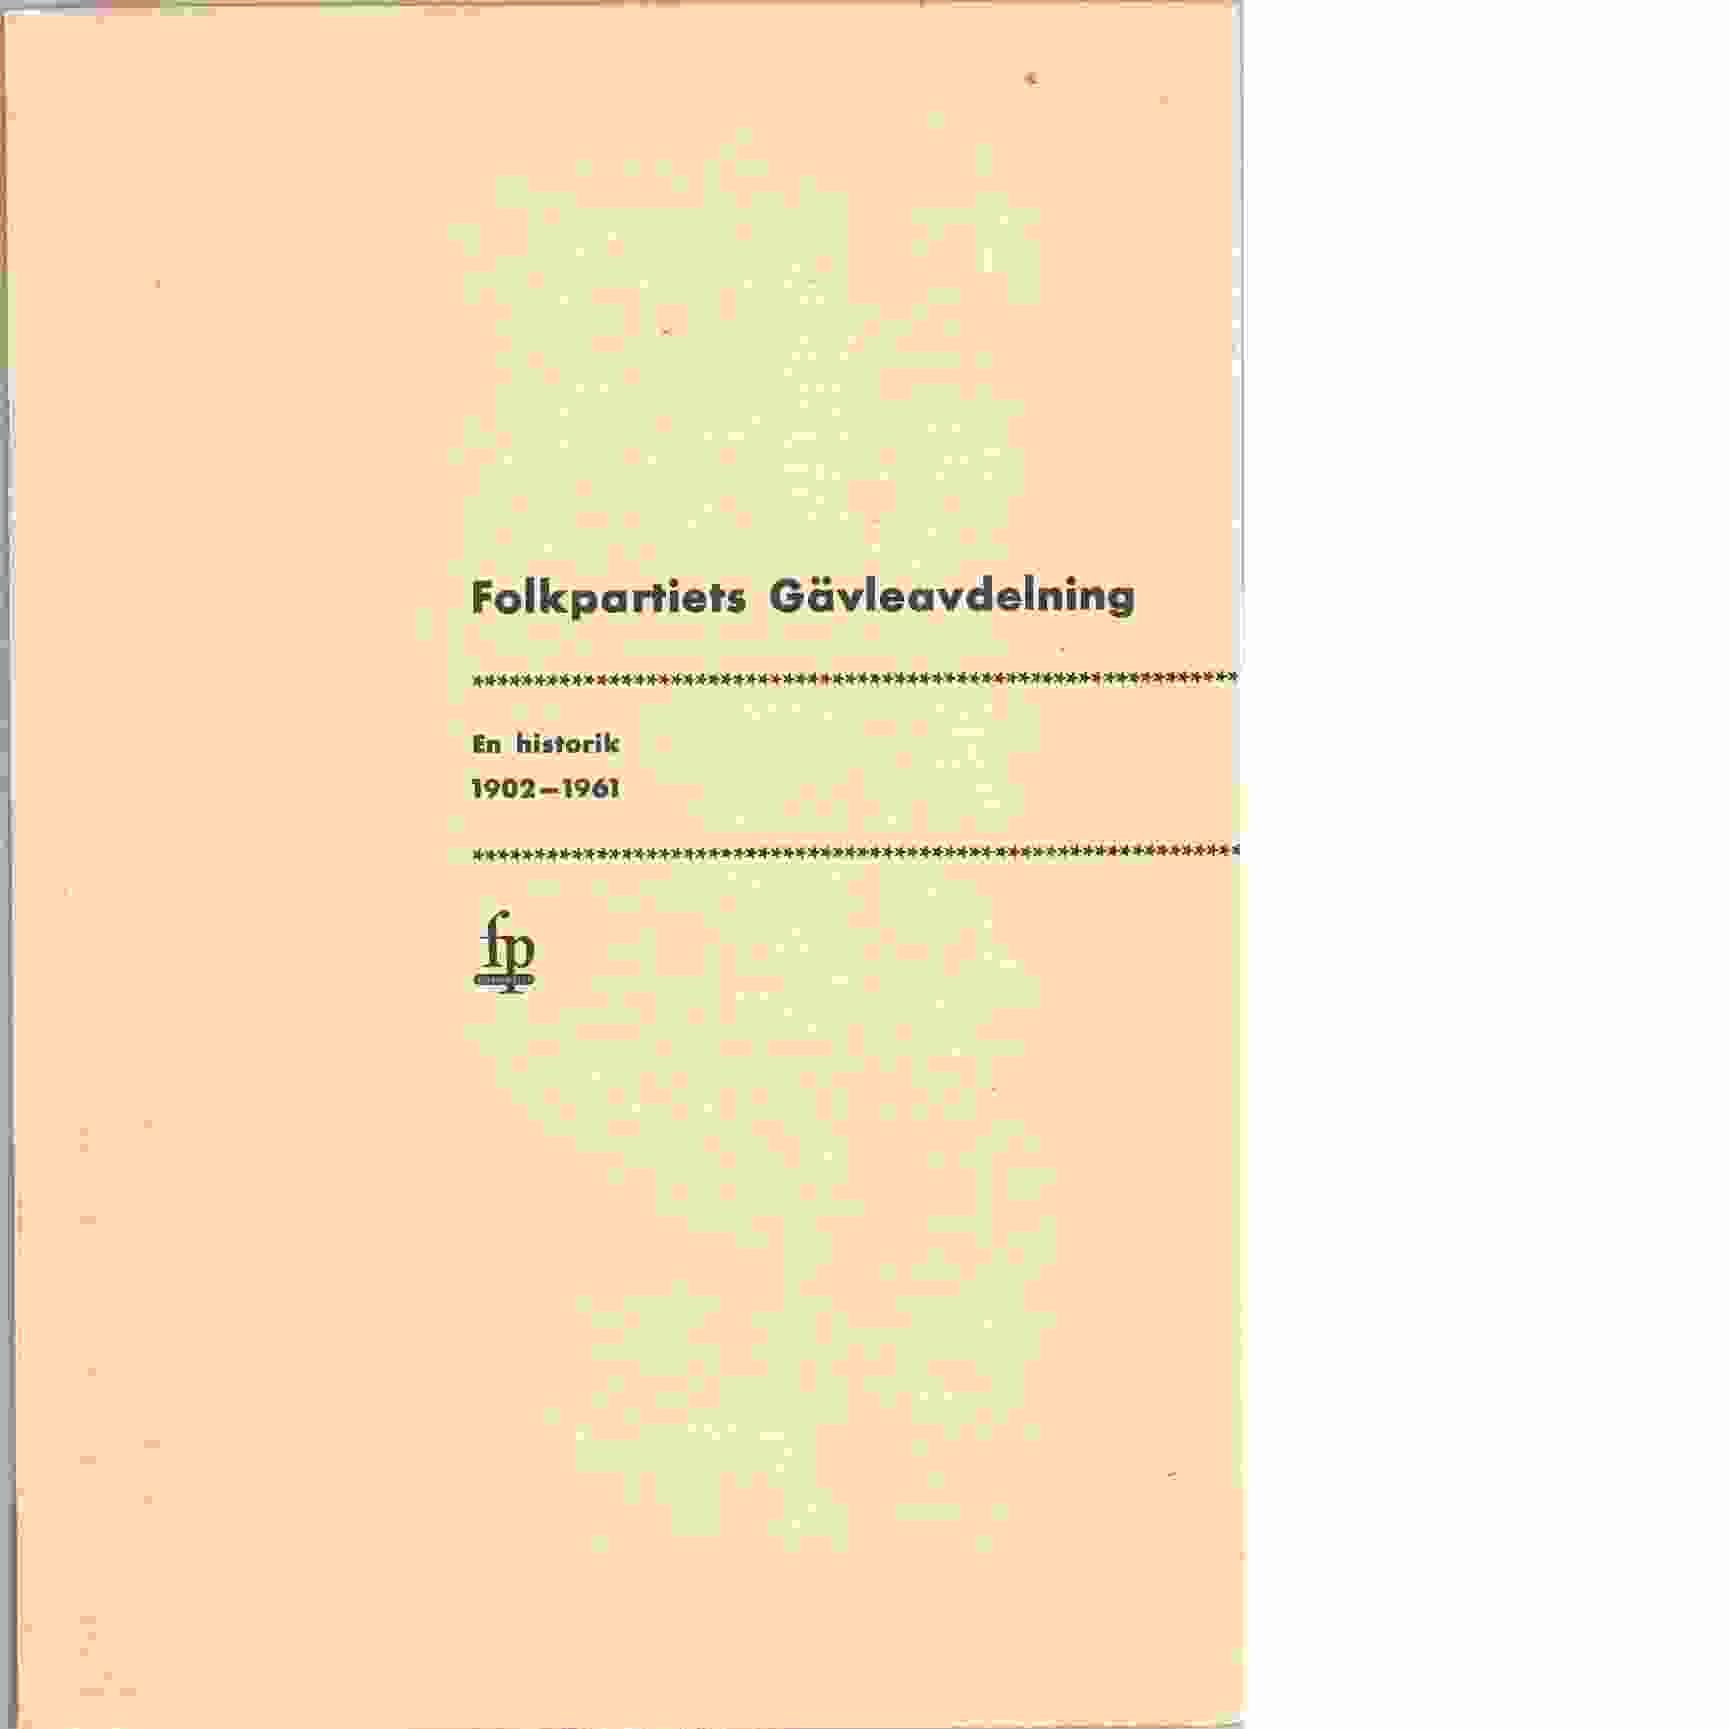 Folkpartiets Gävleavdelning en historik 1902-1961 - Wallström, Leif